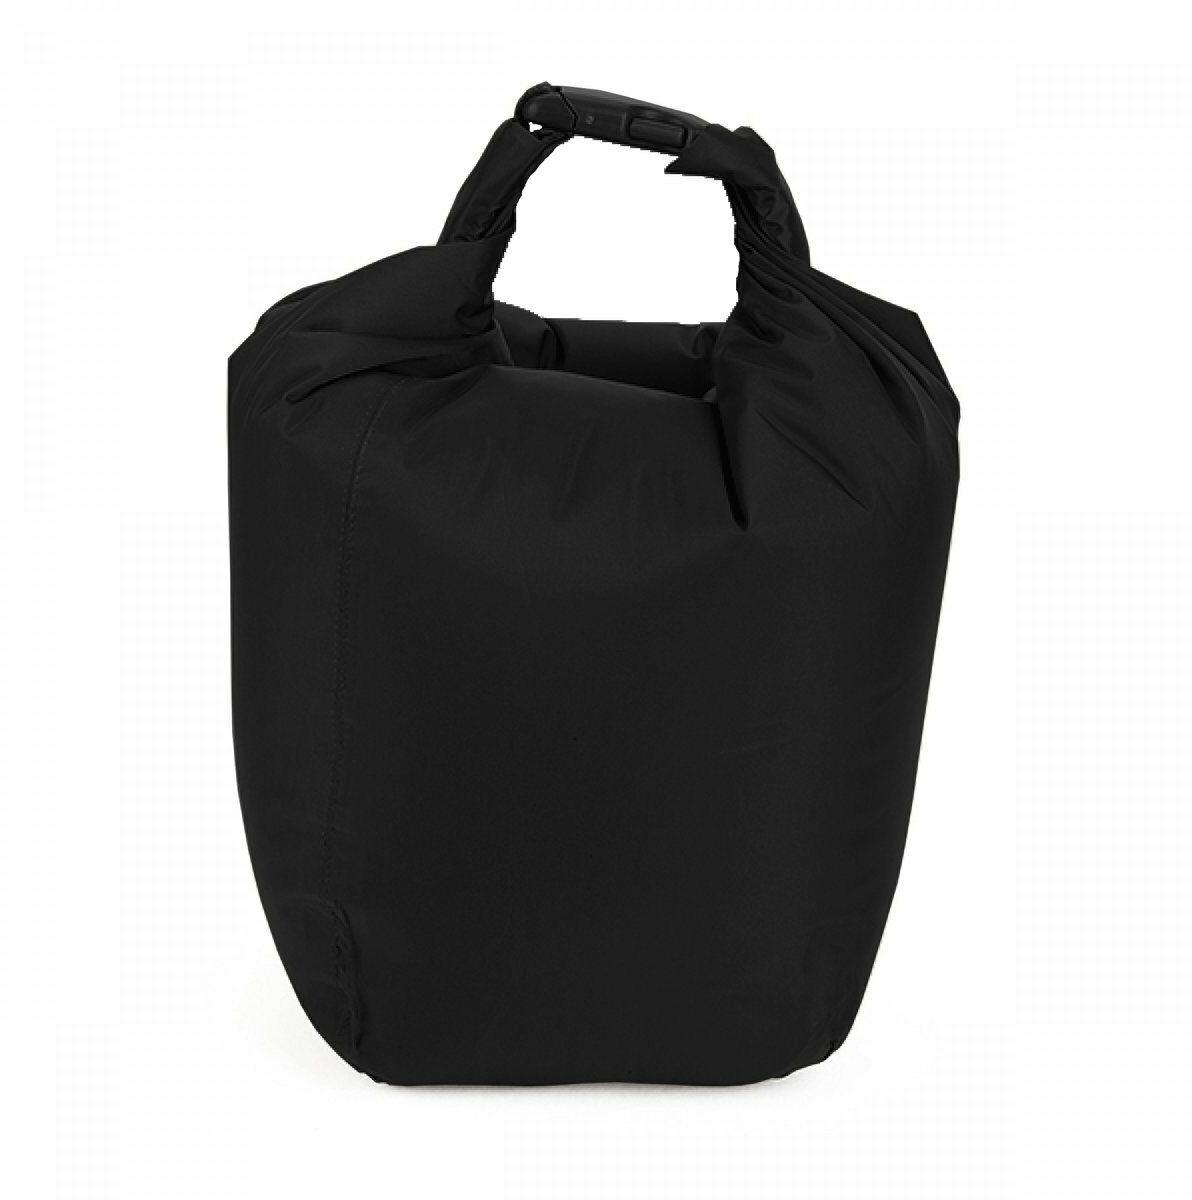 Worek transporowy Pentagon Dry Bag EFI Large, Small (K16041S)